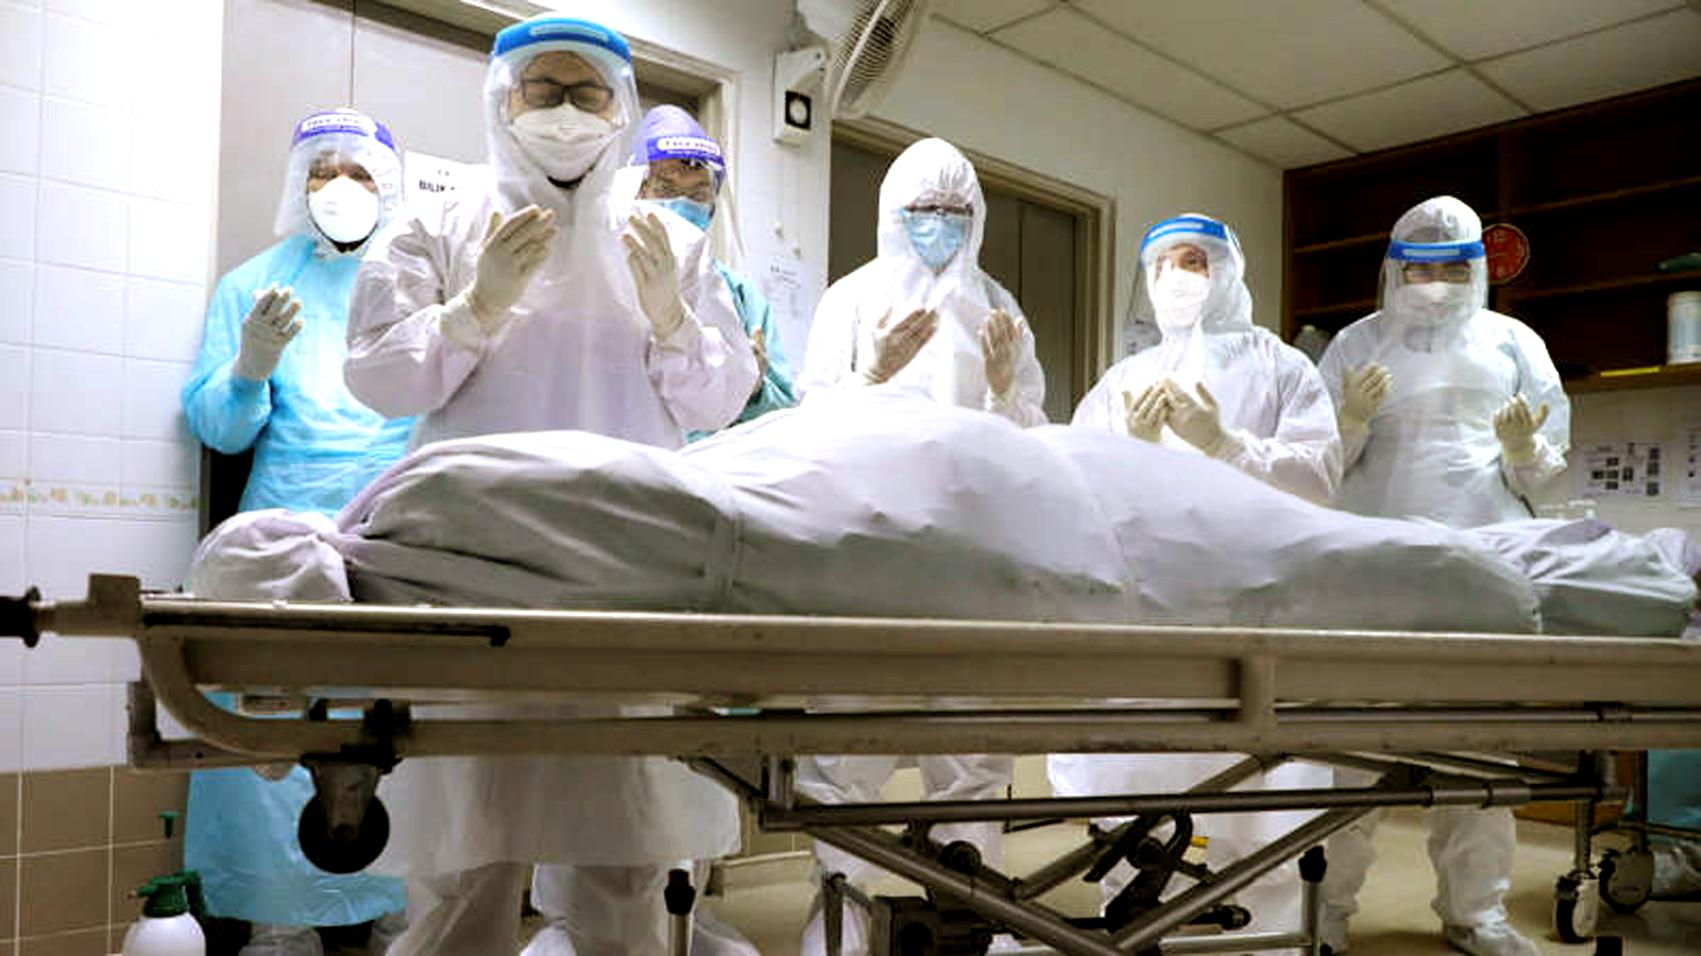 Người thân của một bệnh nhân chết vì COVID-19 cầu nguyện tại nhà xác bệnh viện ở Kuala Lumpur, Malaysia, vào cuối tháng Năm